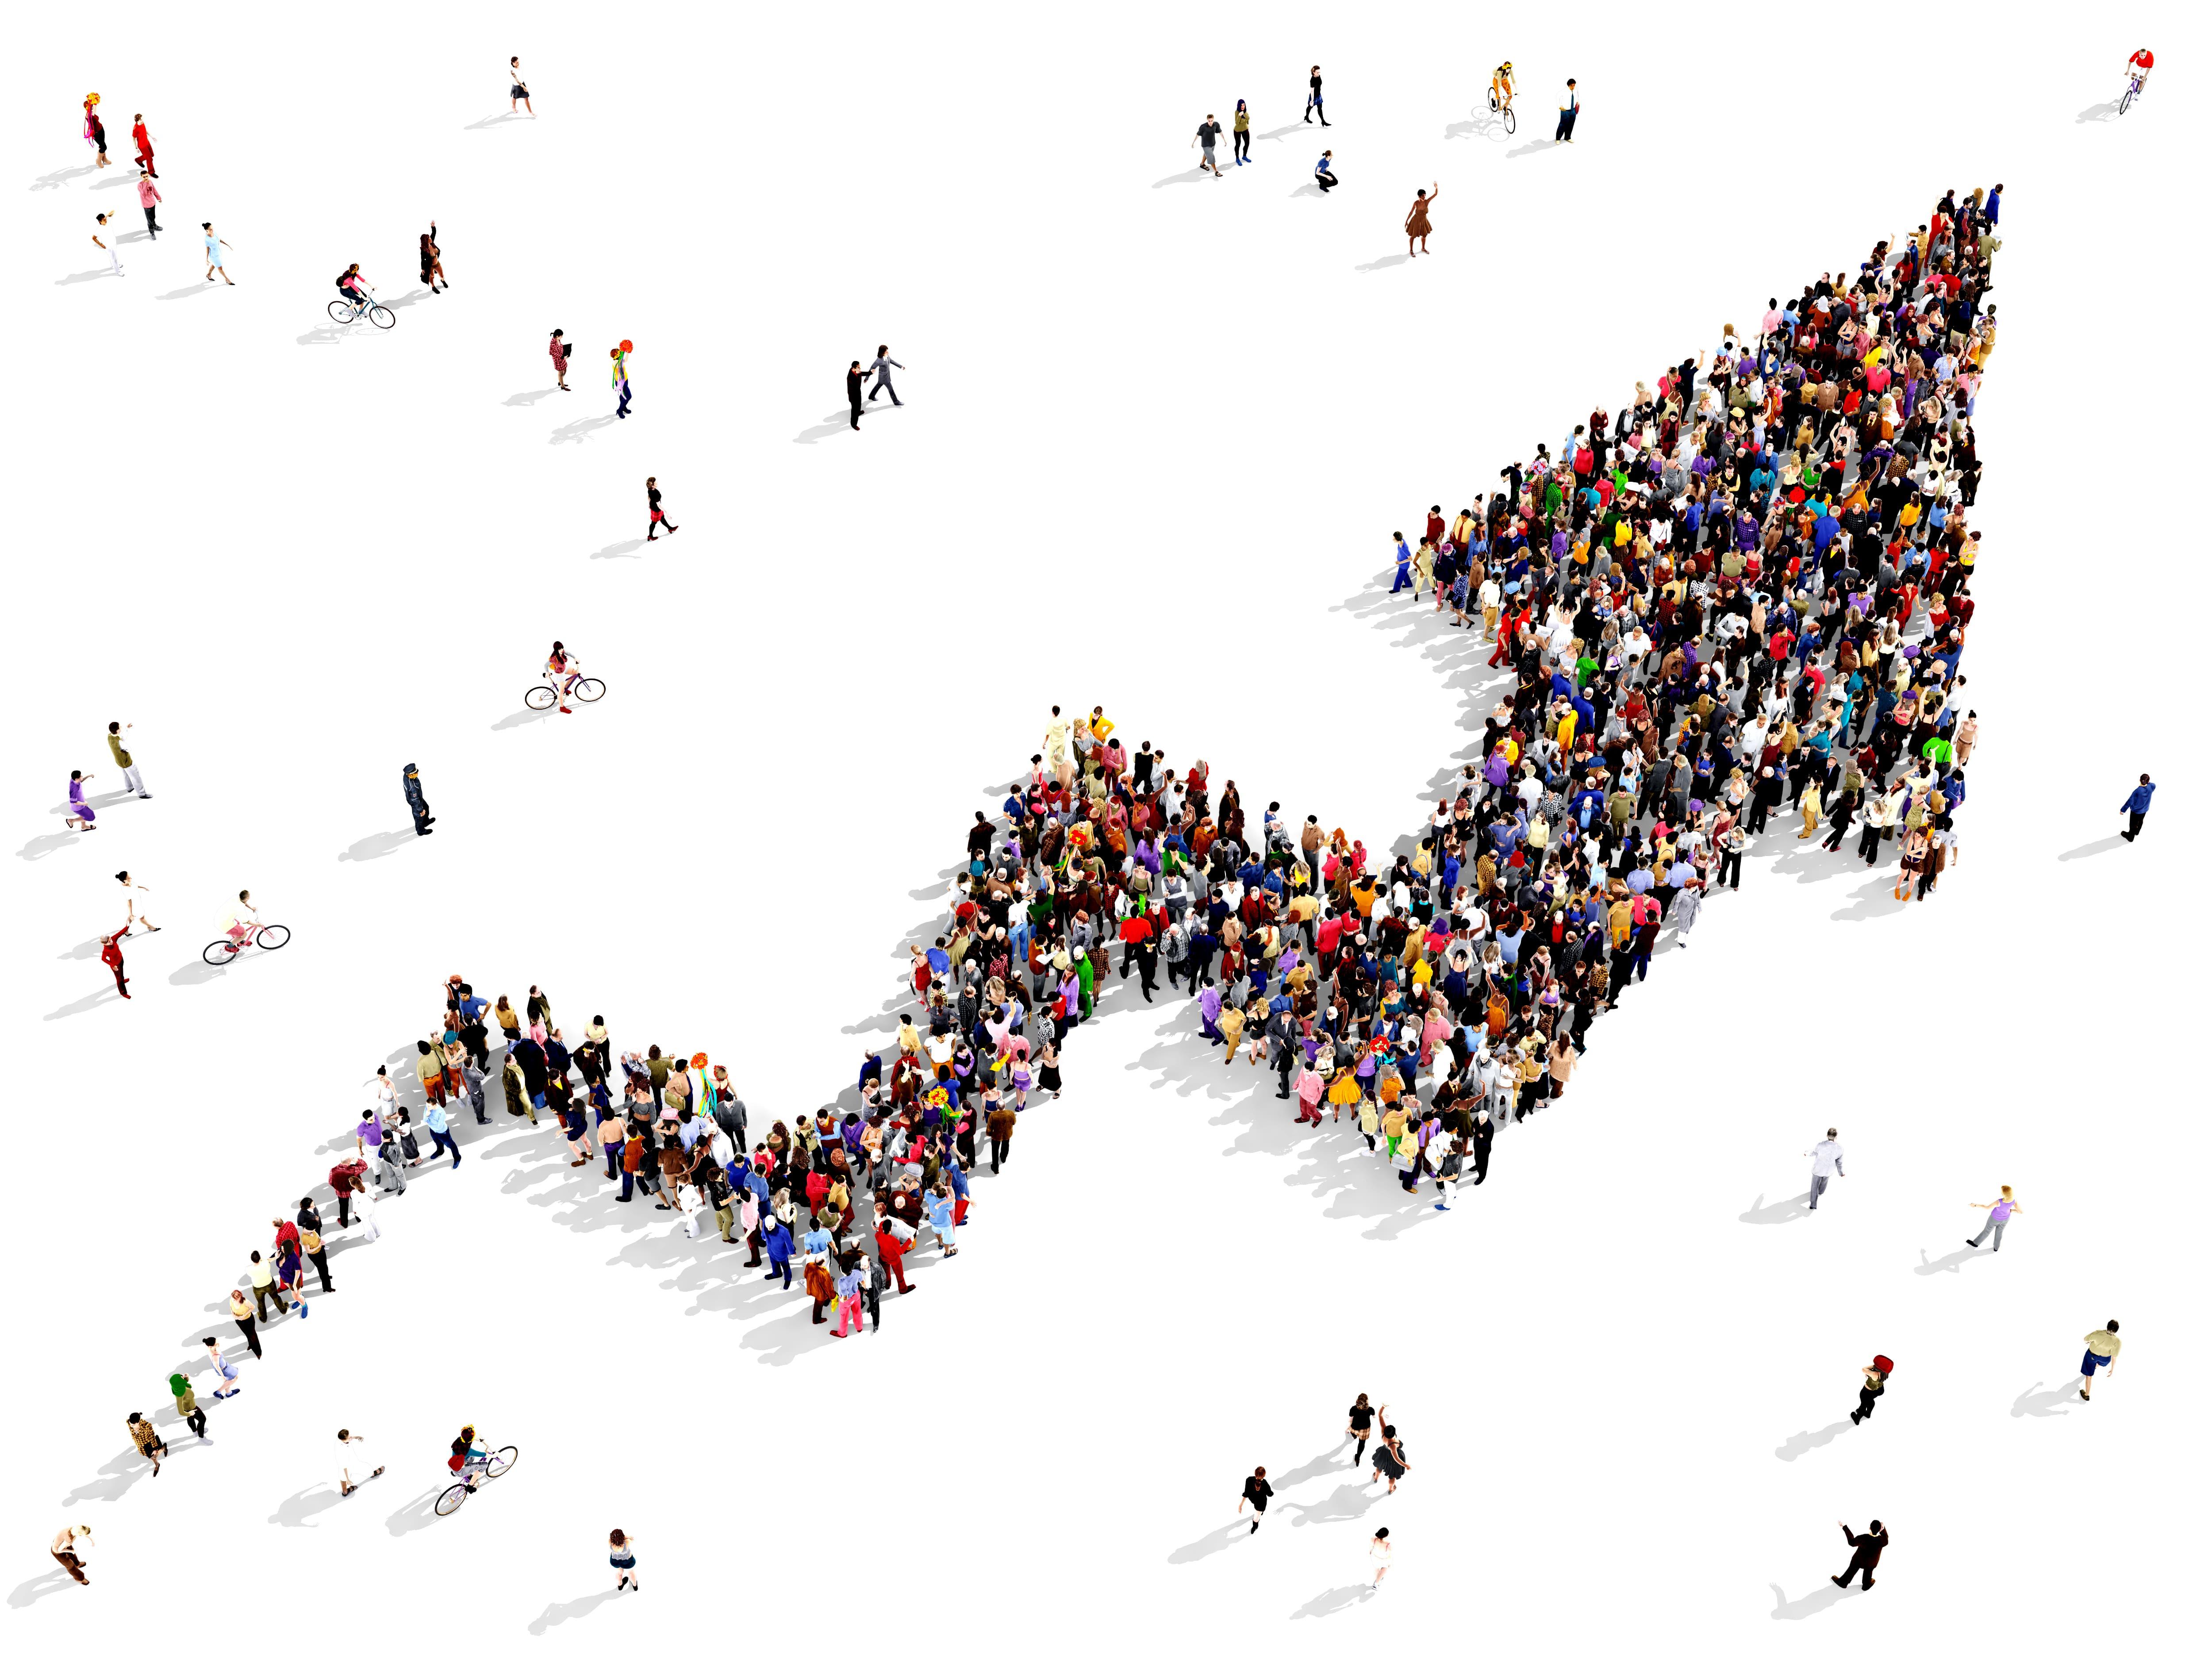 Imagem de uma flecha cheia de pessoas para remeter a cultura de crescimento